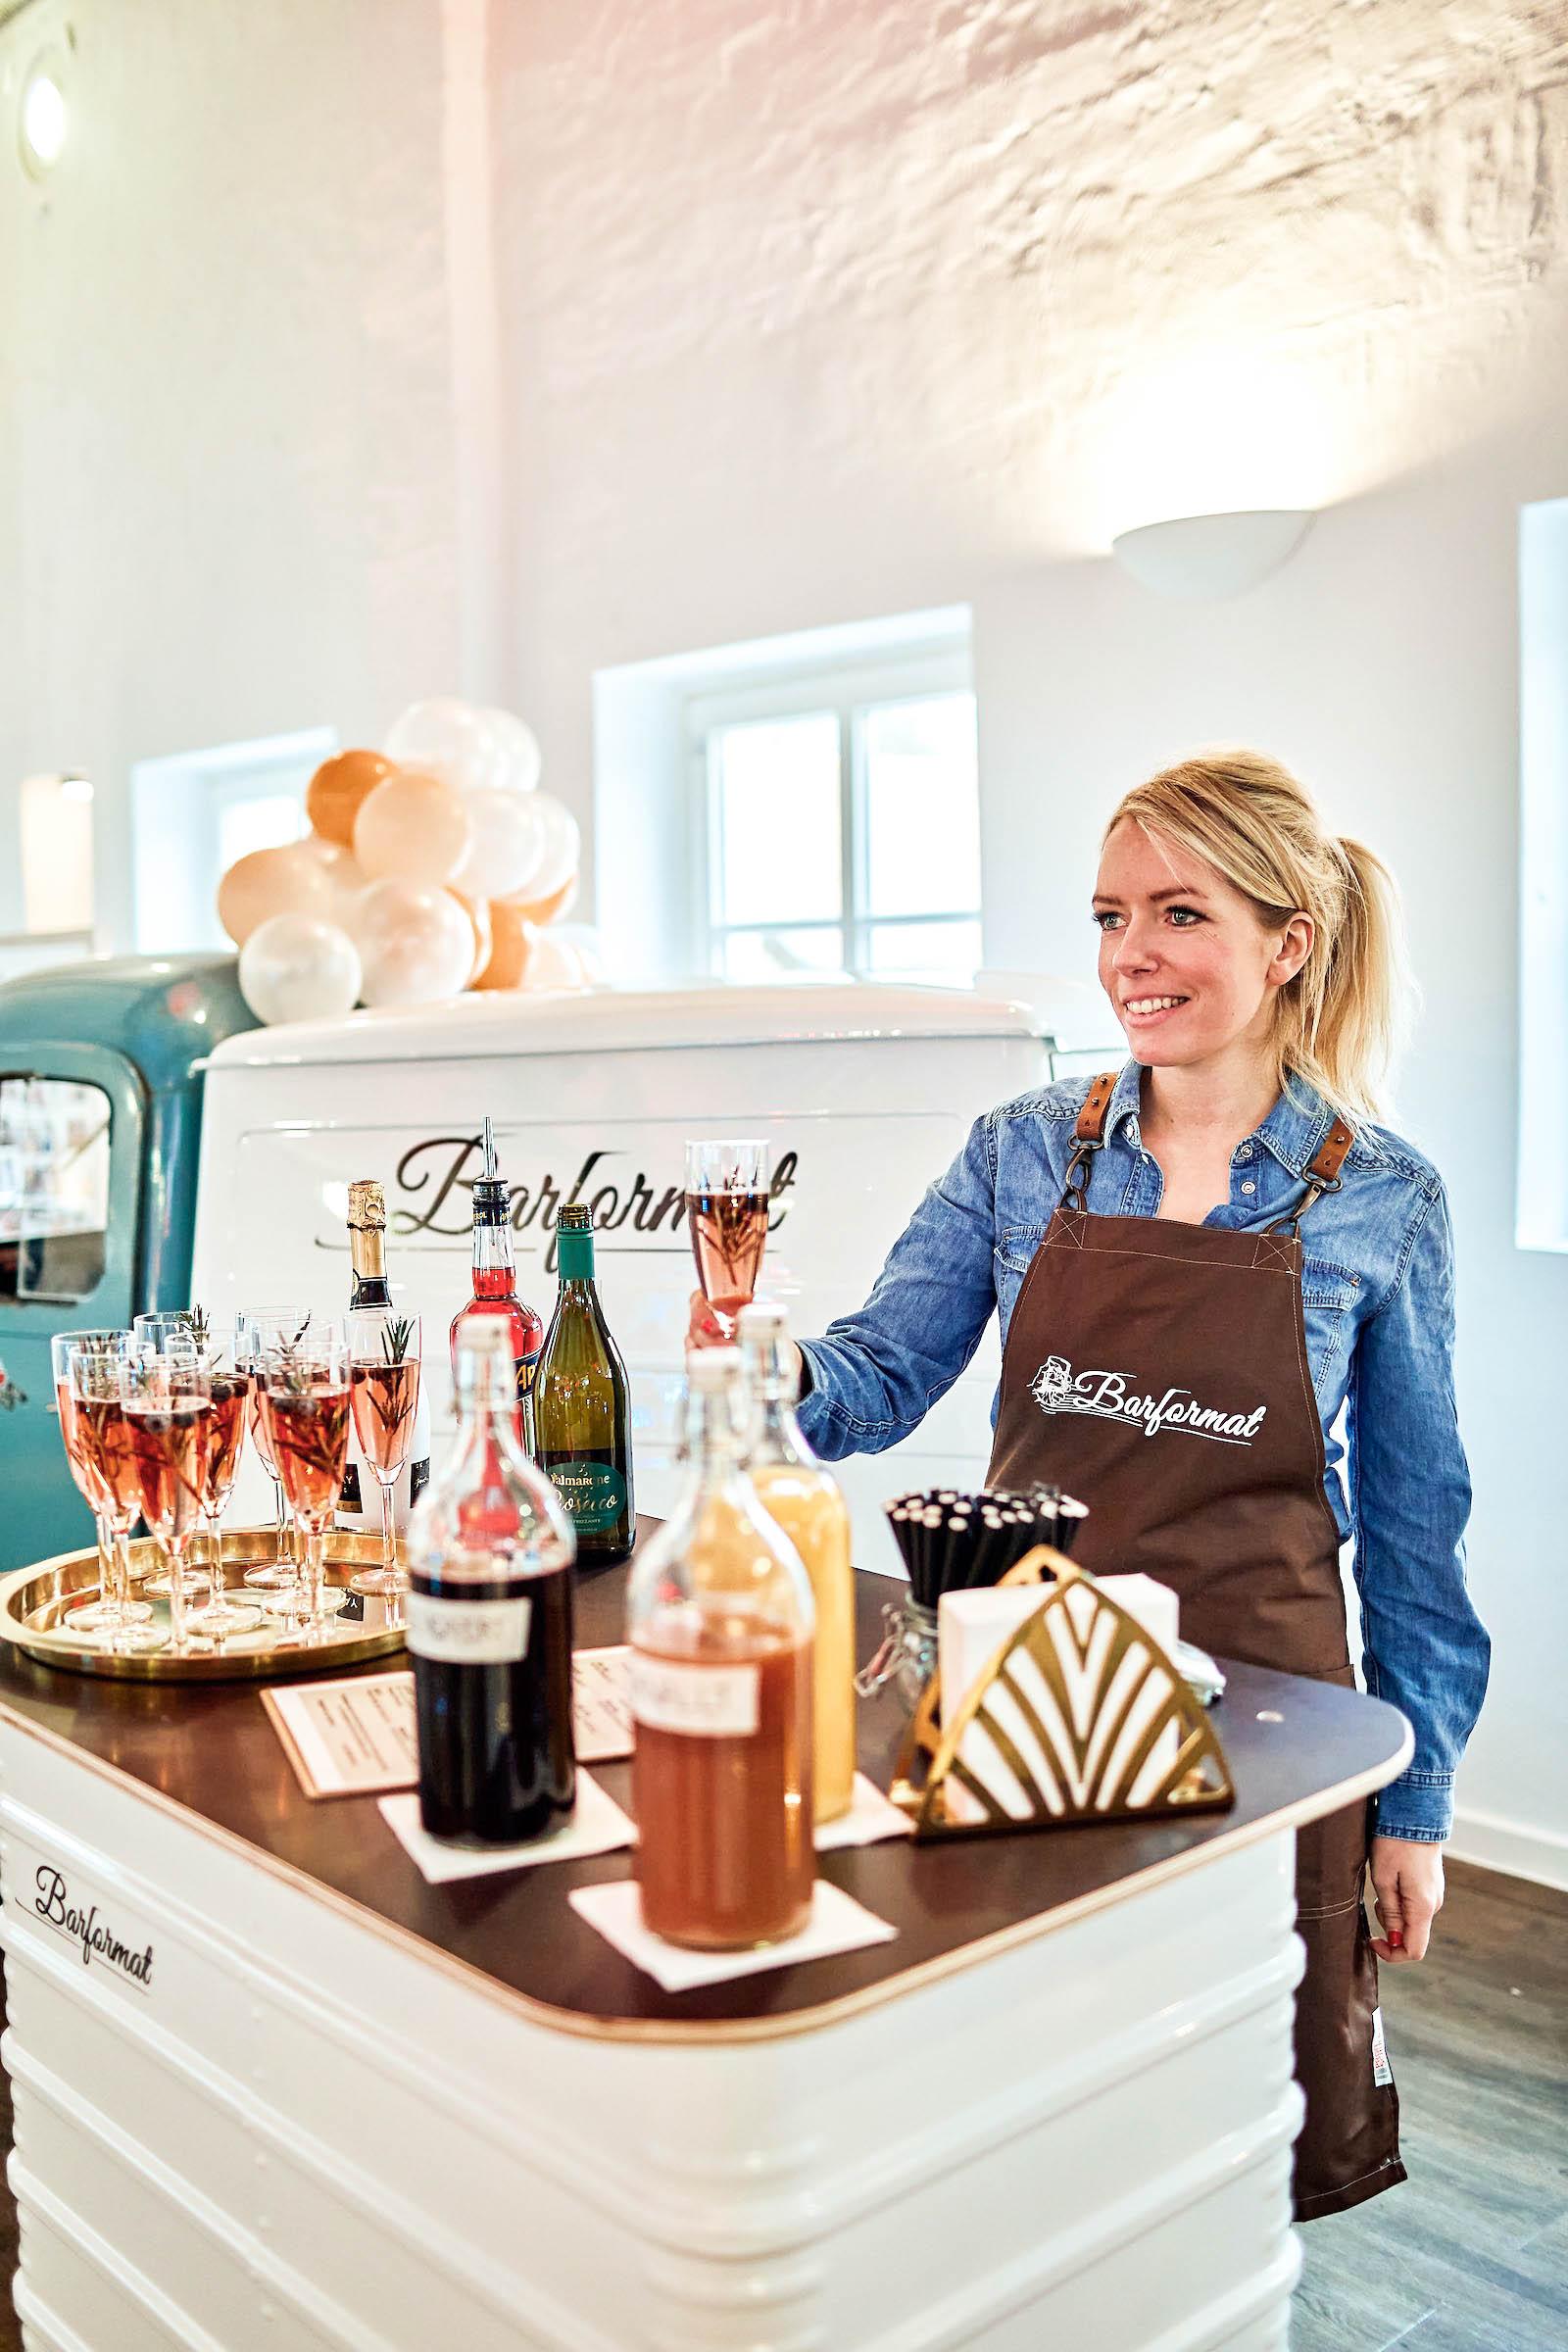 Mobile | Bar | Ape | Bulli | Cocktailservice | Getränke | Catering | Sektbar | Kaffeebar | Kuchen | Sektempfang | Standesamt | Hochzeit | Barkeeper | Kellner | Hochzeit | Event | Mieten | Buchen | Barformat